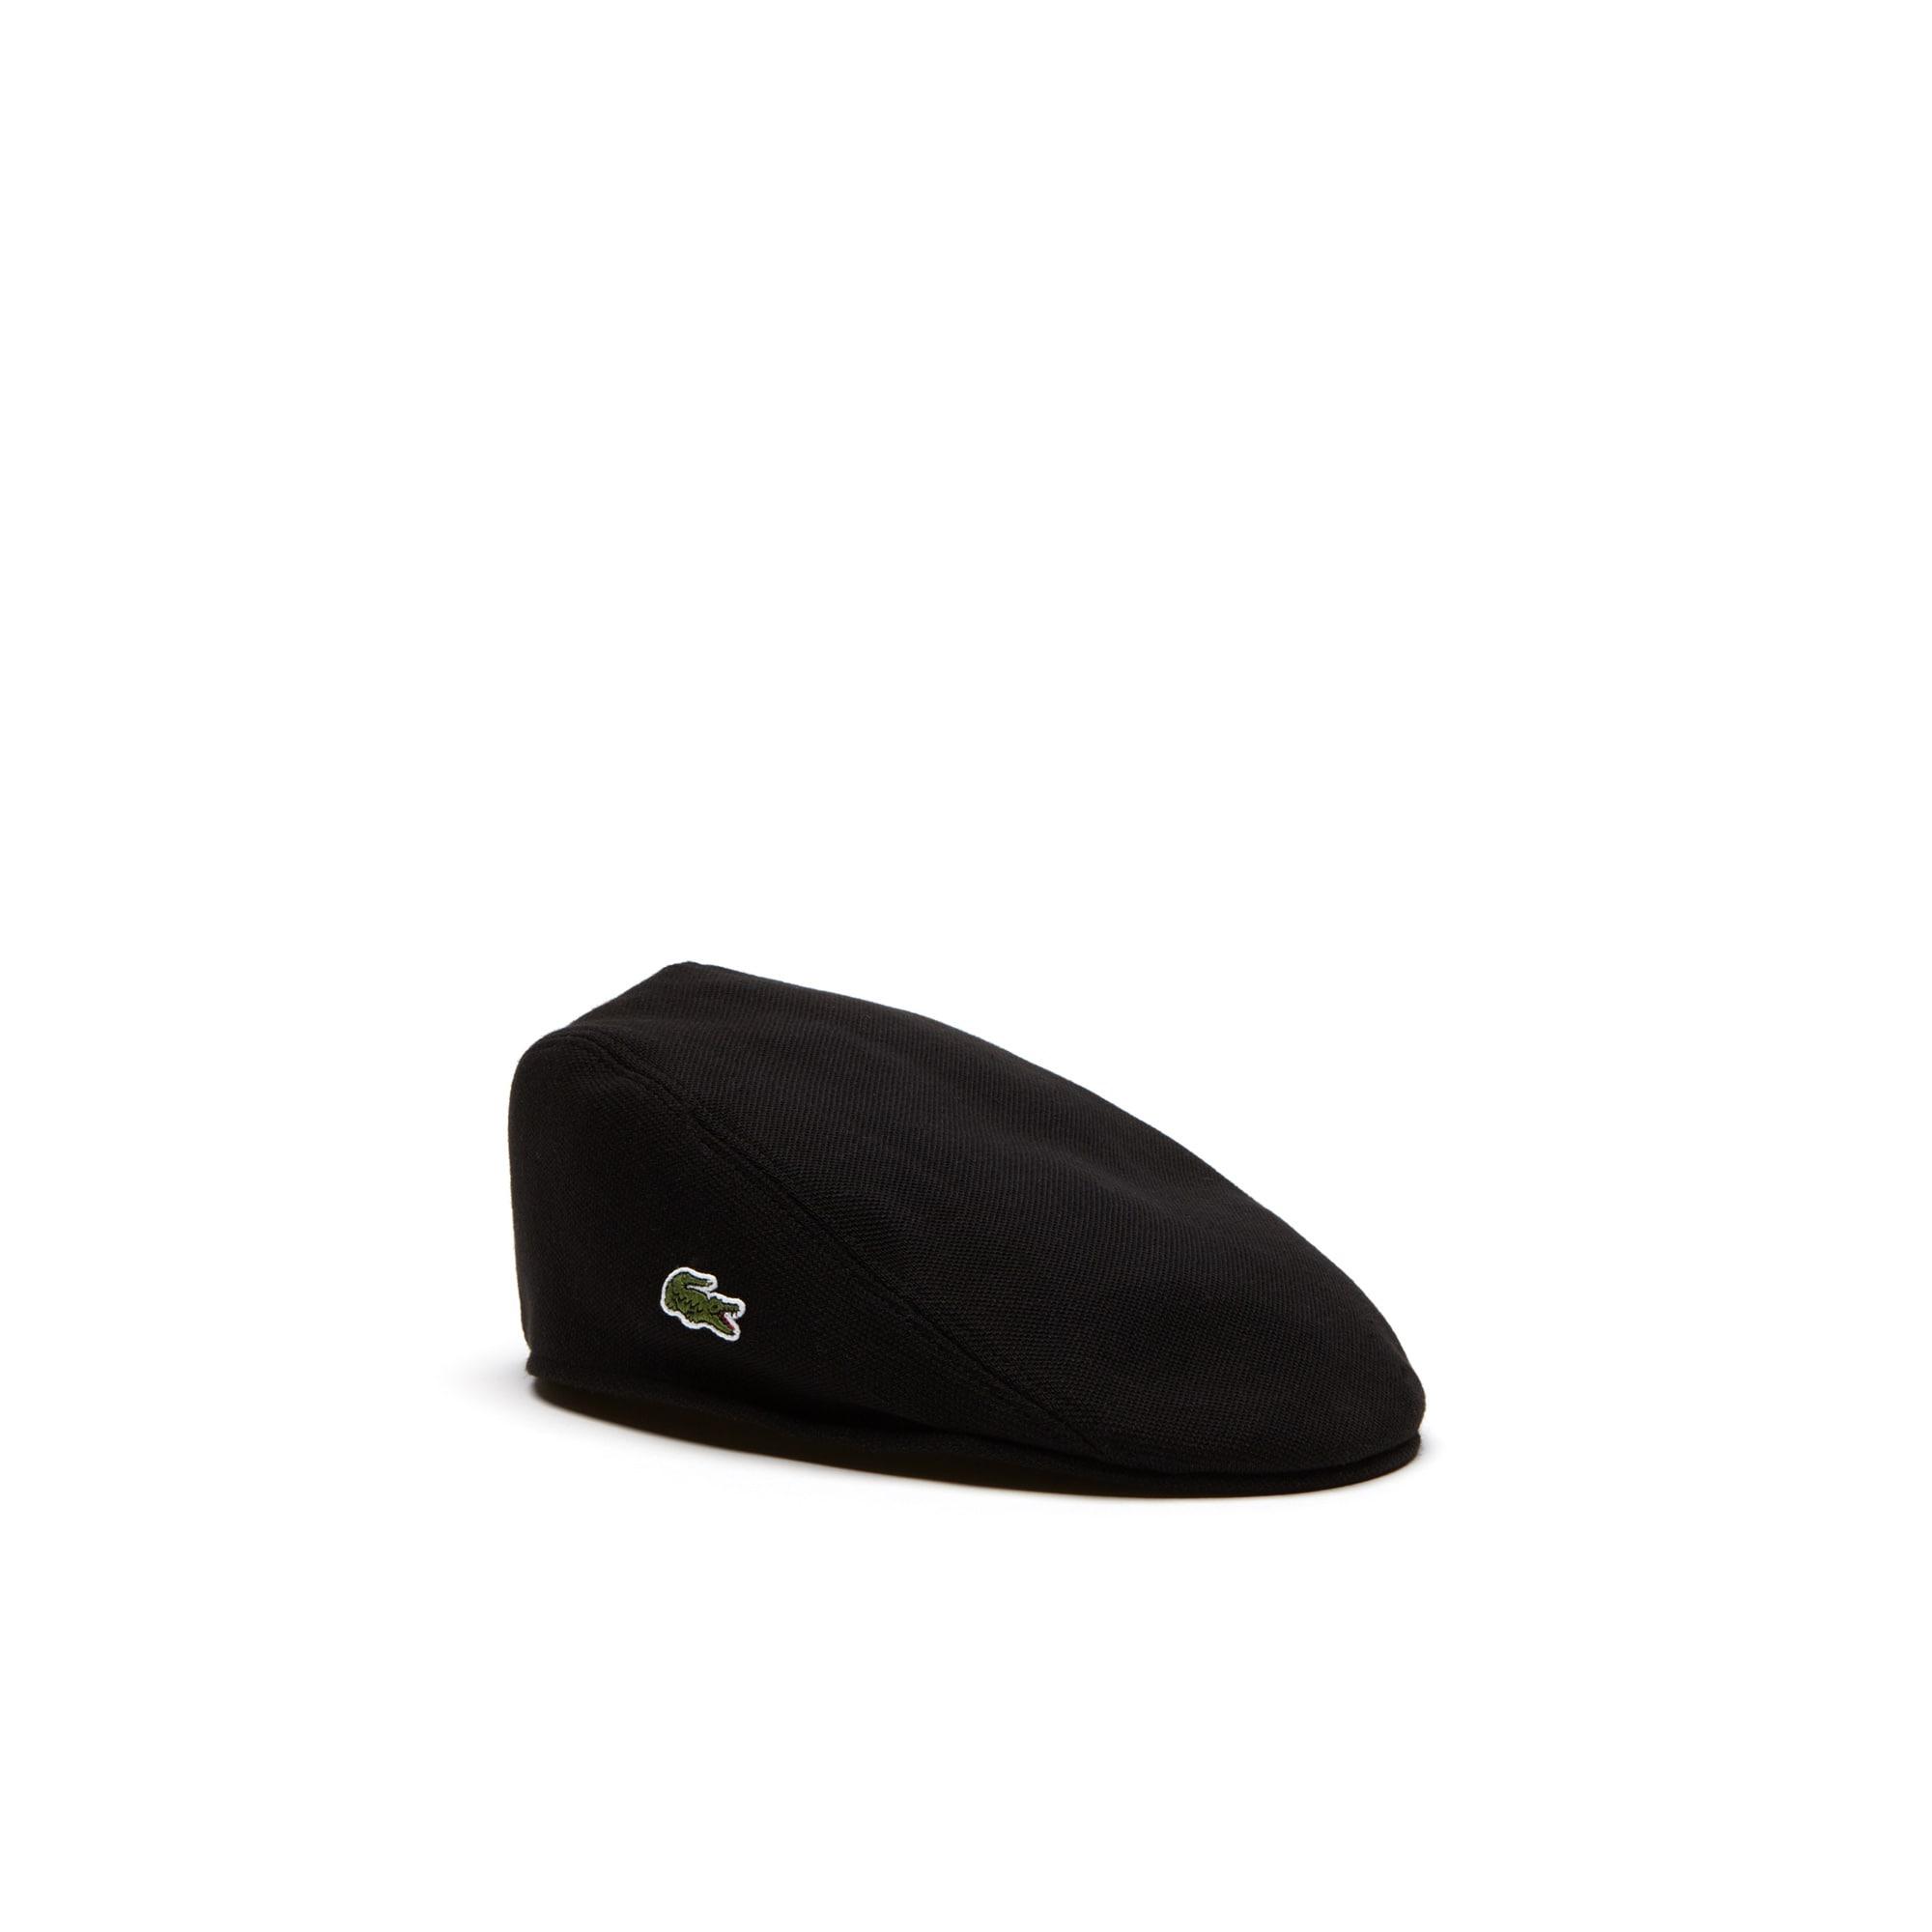 ef528c89bba Caps   Hats